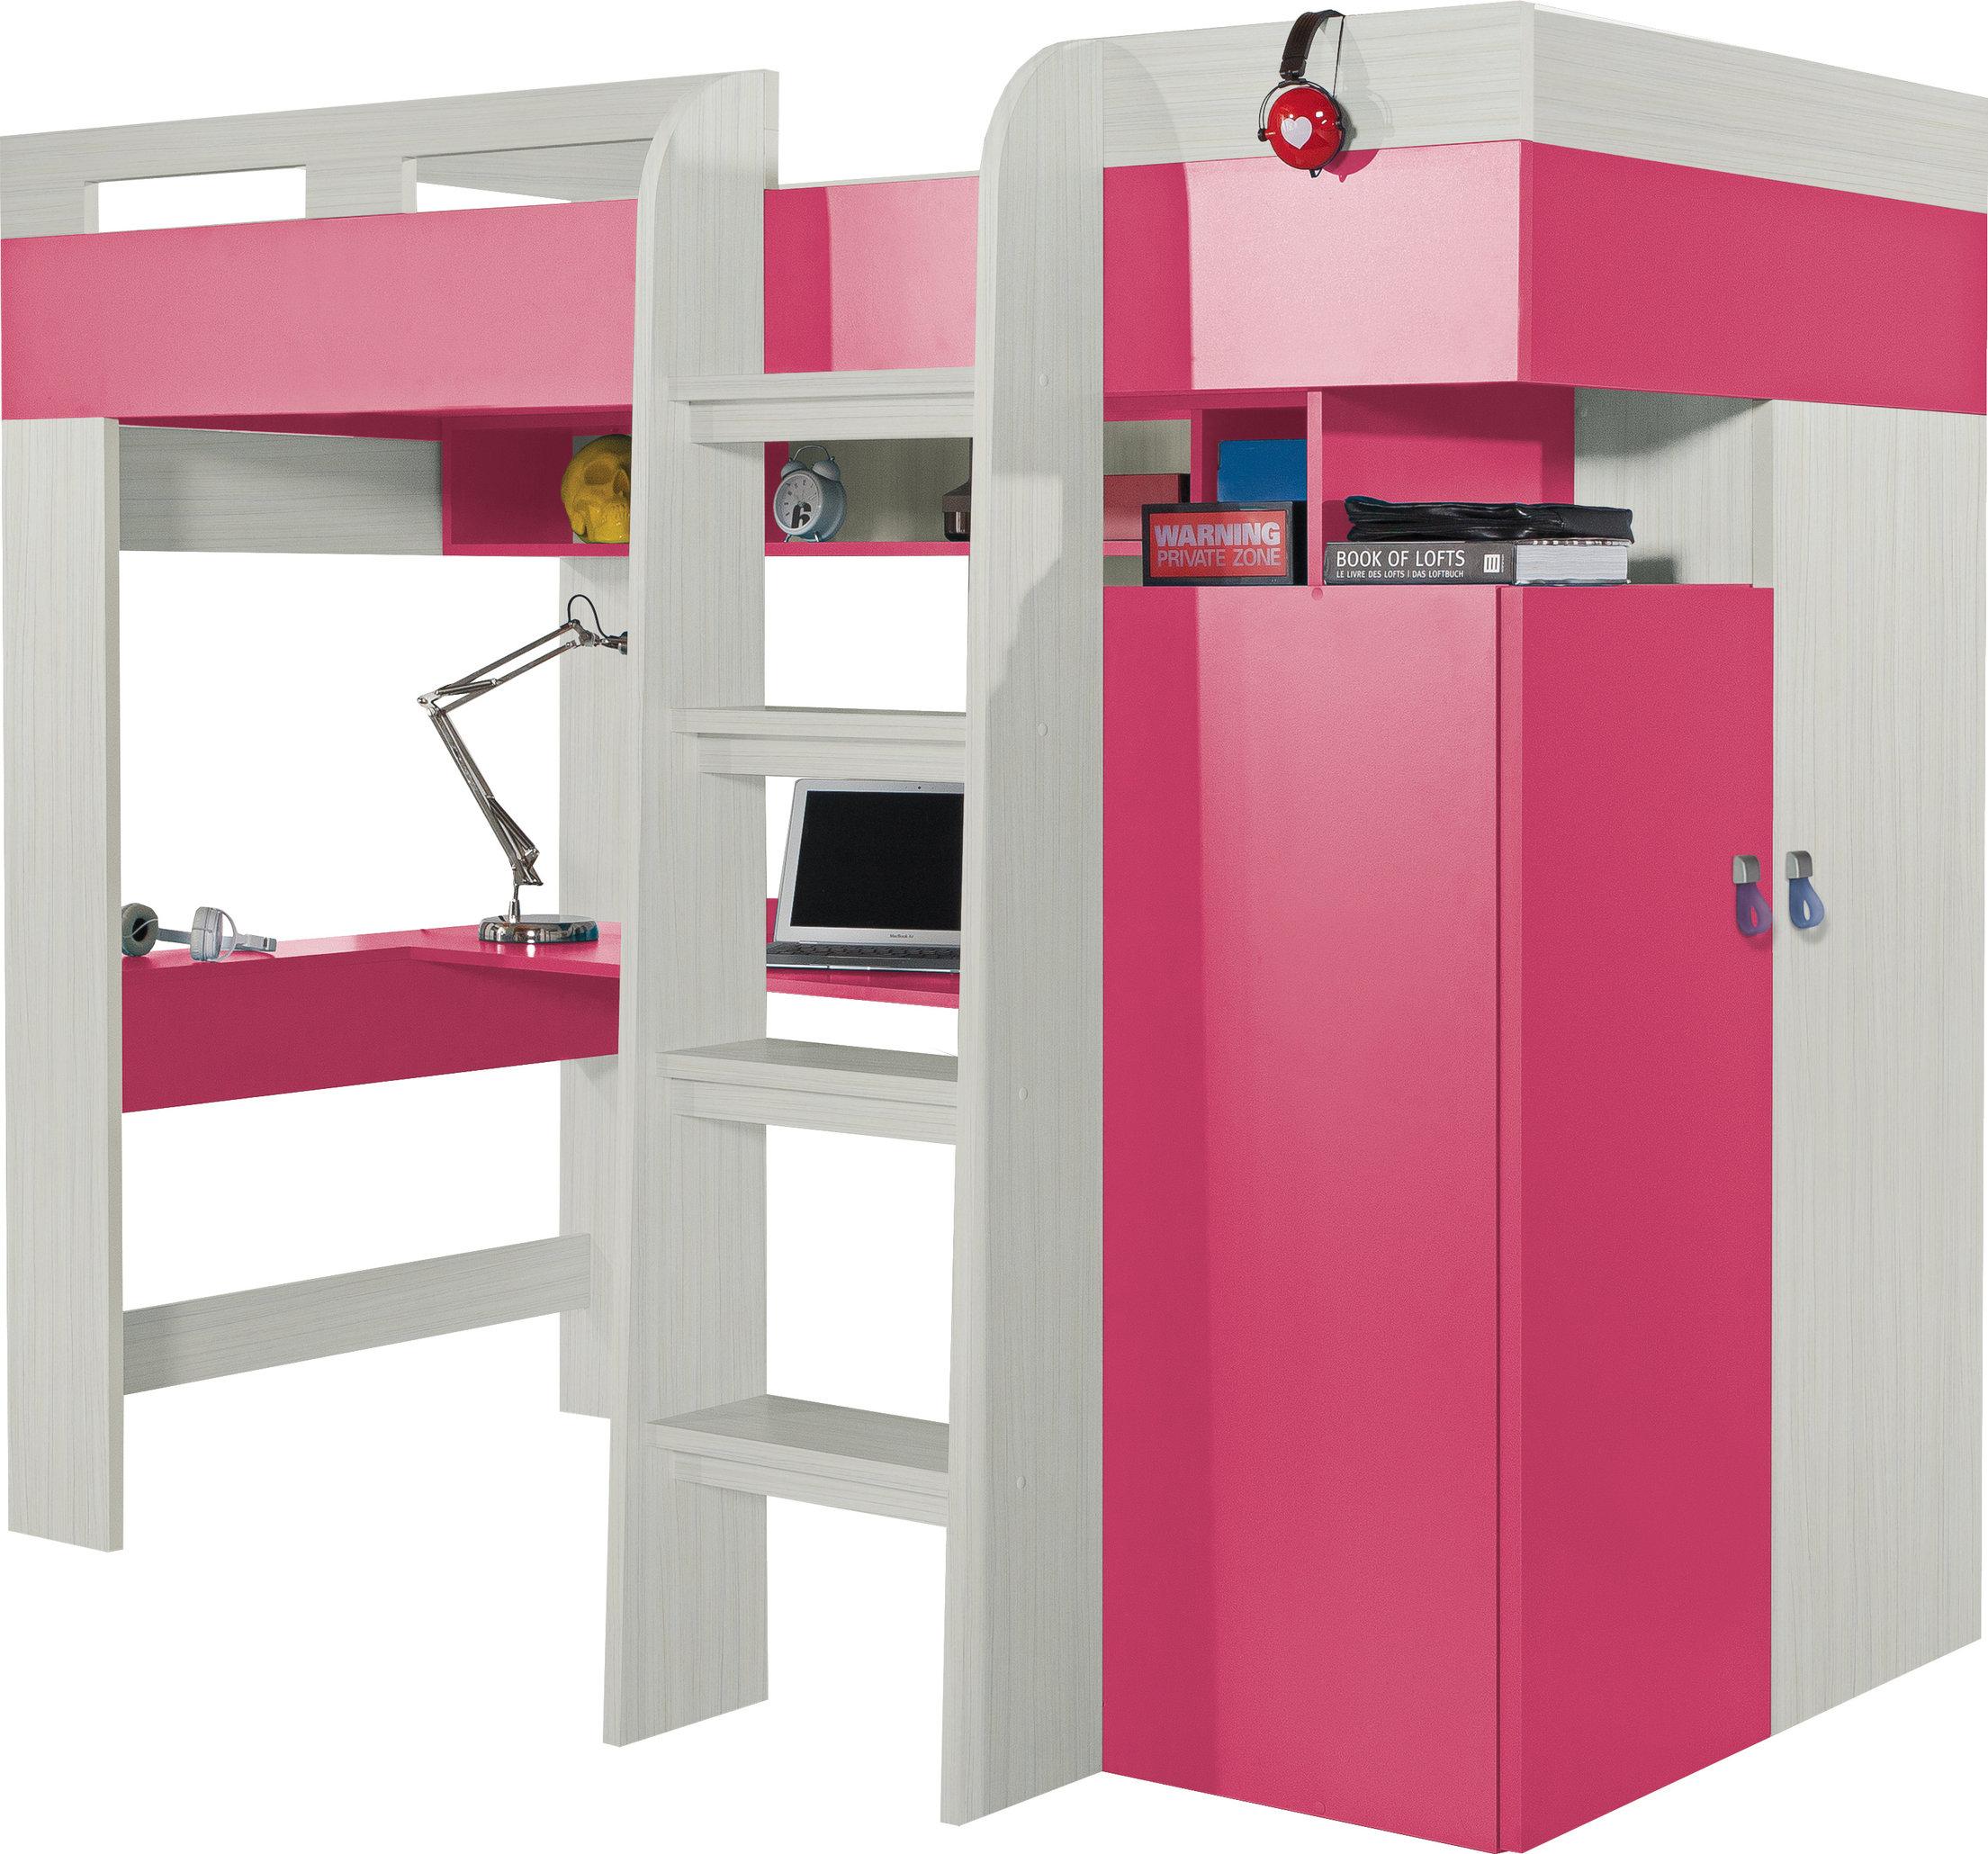 Meblar Poschodová posteľ Komi KM 20 Farba: Ružová